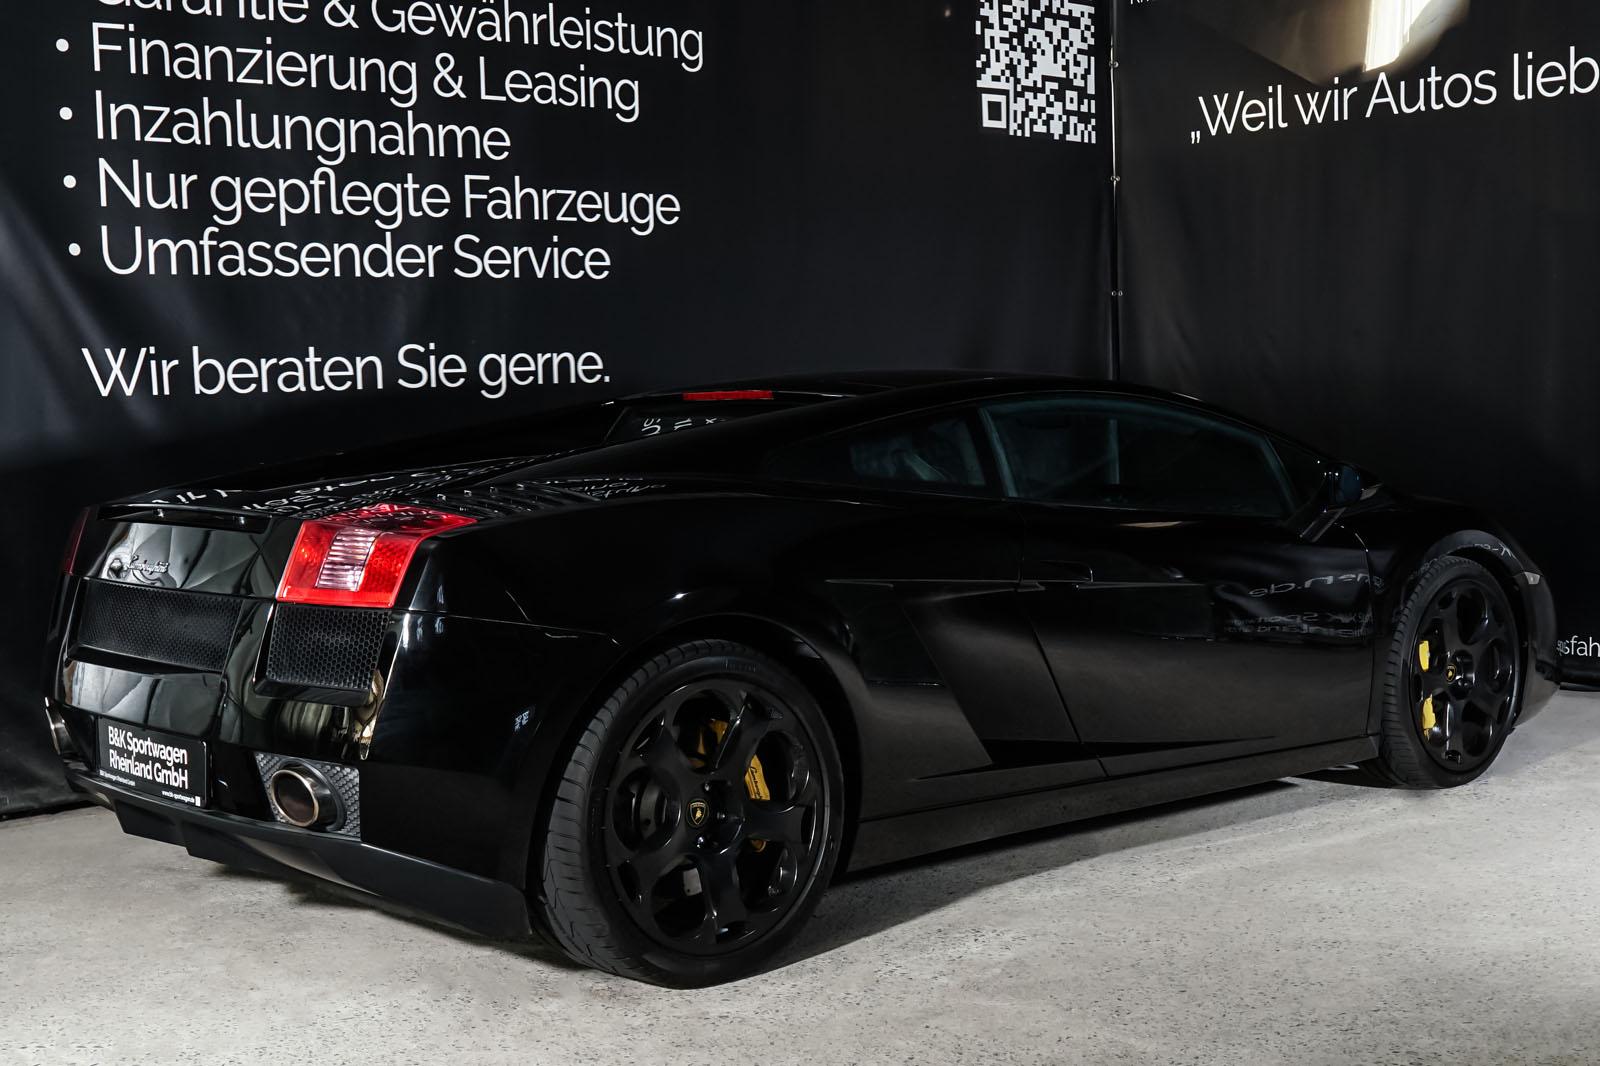 Lamborghini_Gallardo_Schwarz_Schwarz_LAM-2395_14_w